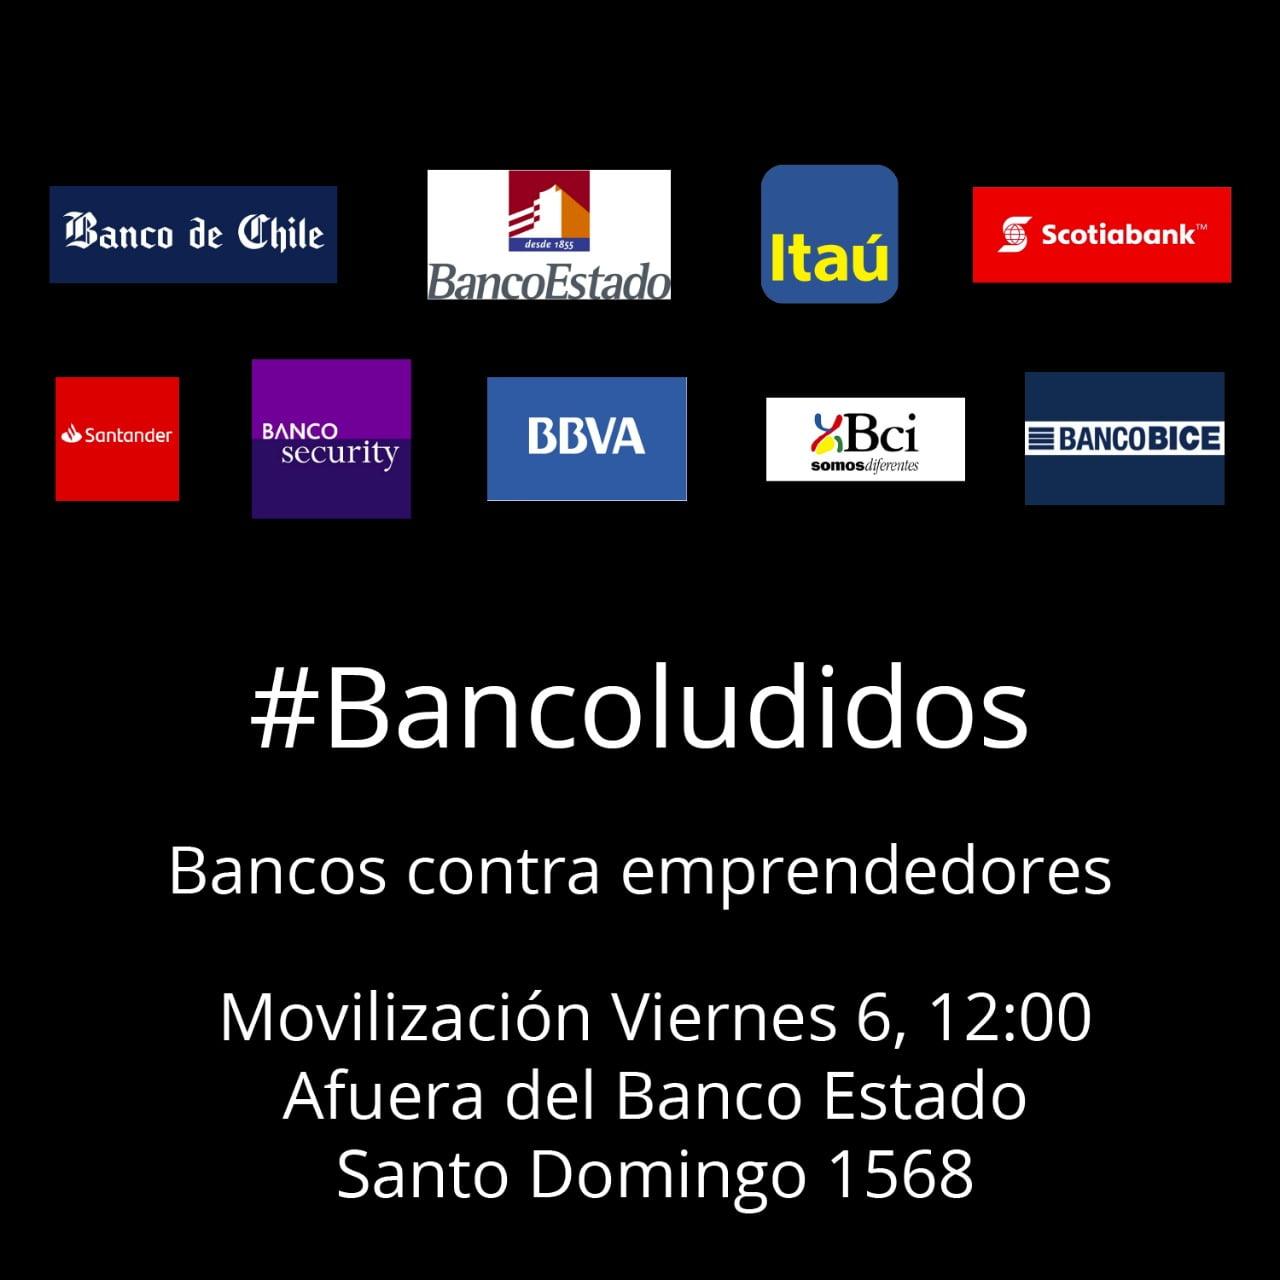 e37933dc6 La innovación en Chile ha dado un paso atrás a causa de los bancos